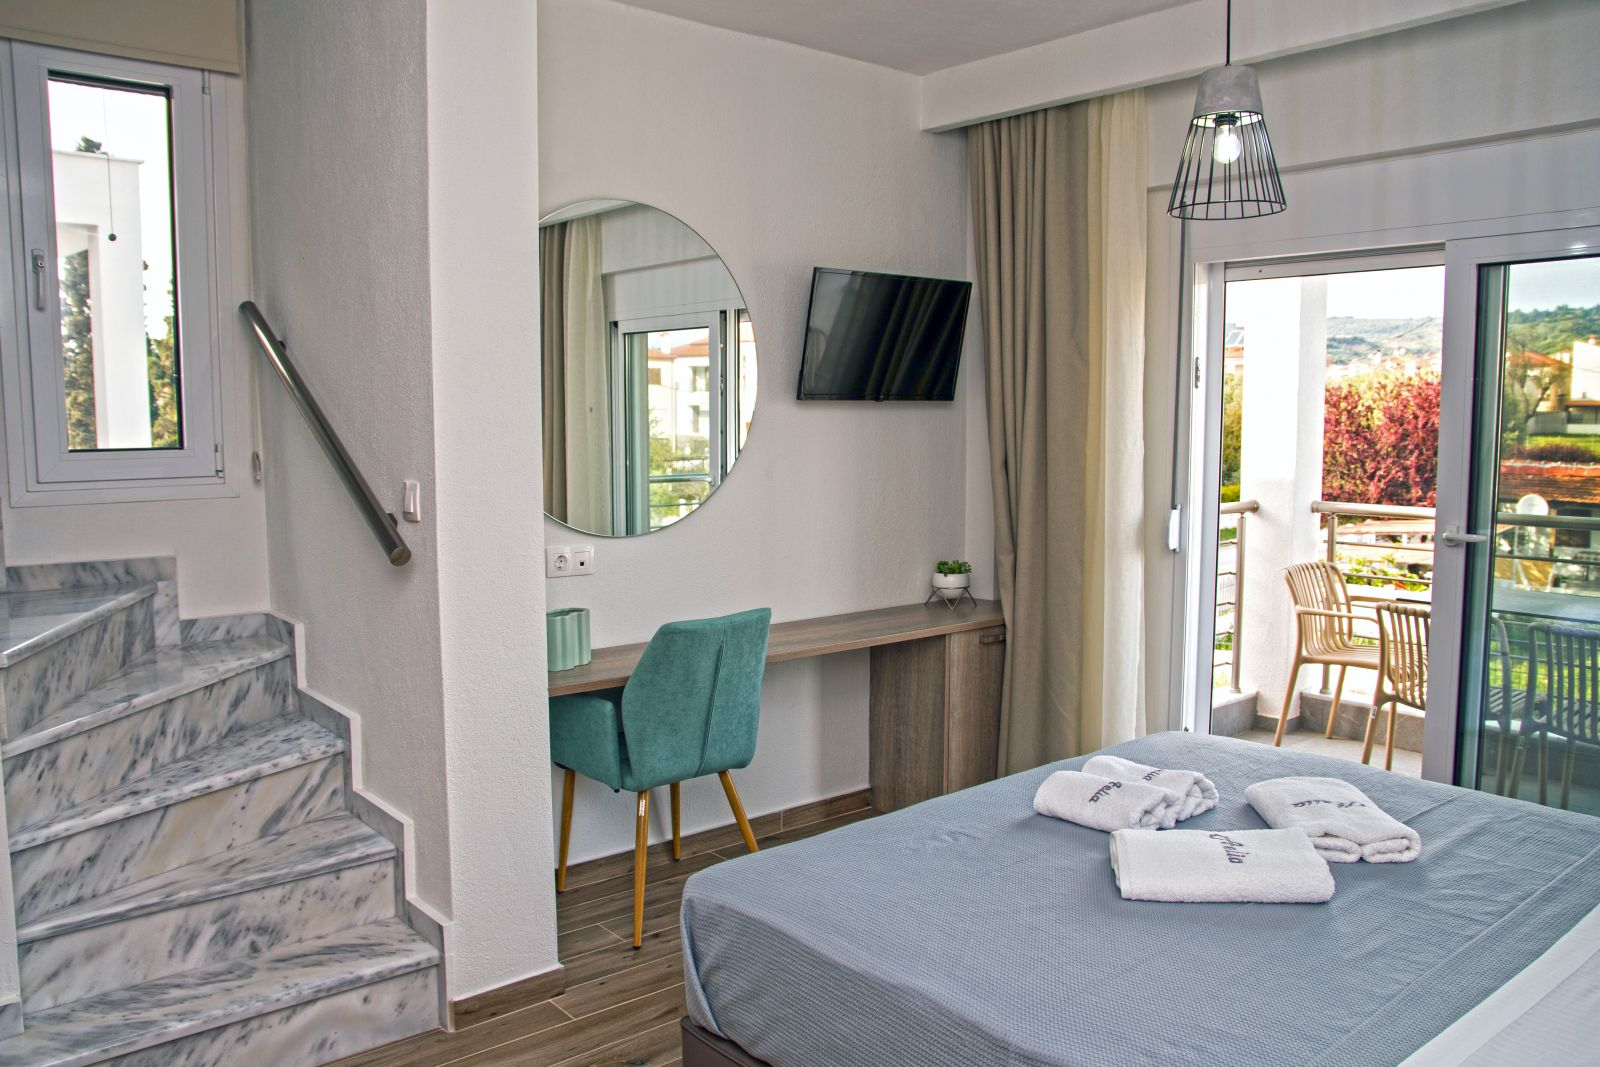 AELIA Luxury Apartments